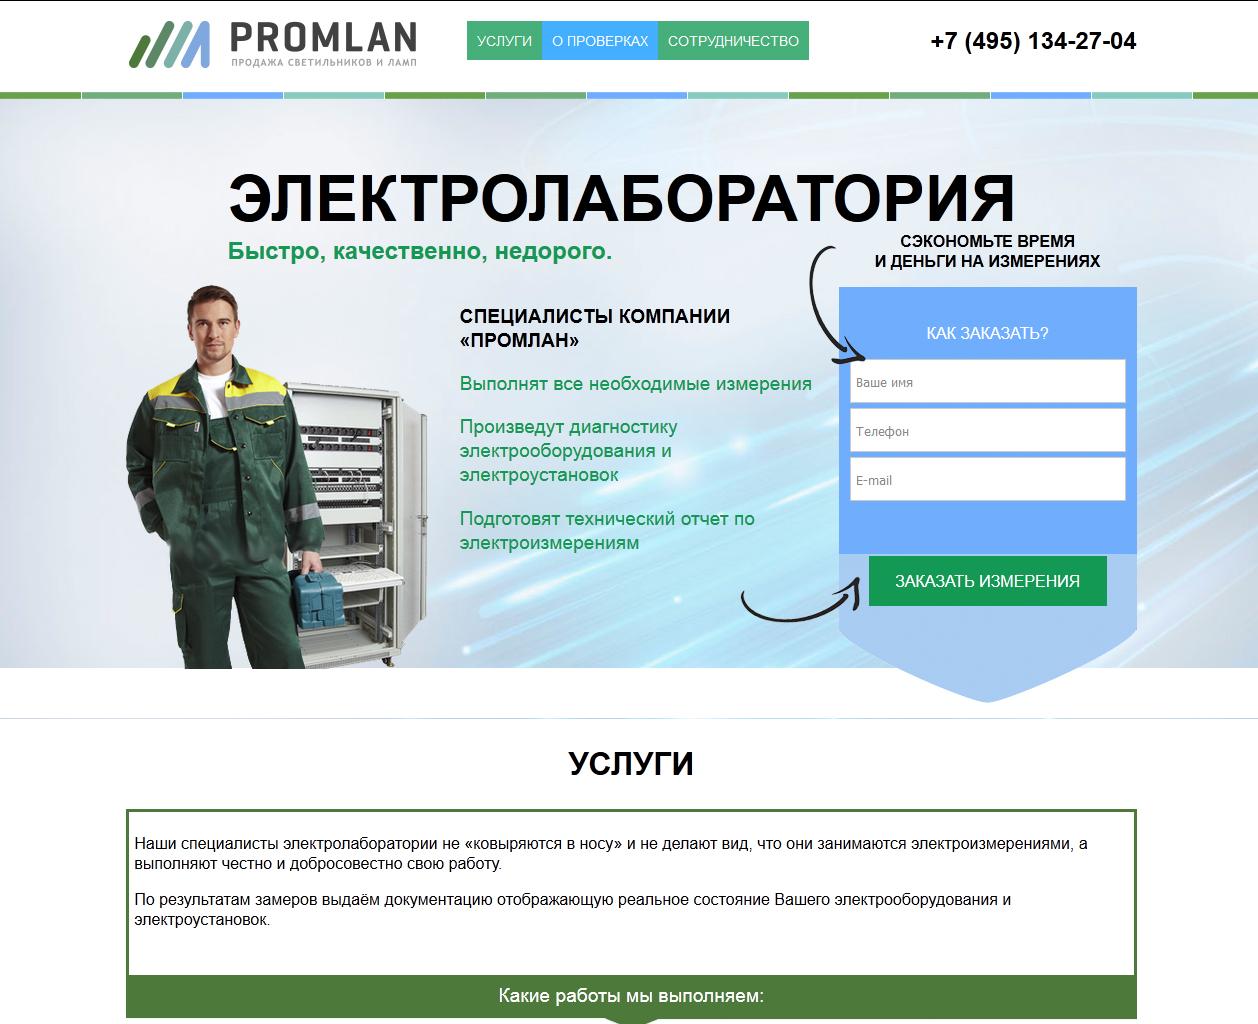 Cms фрилансер фриланс работа вакансии от прямых работодателей москва